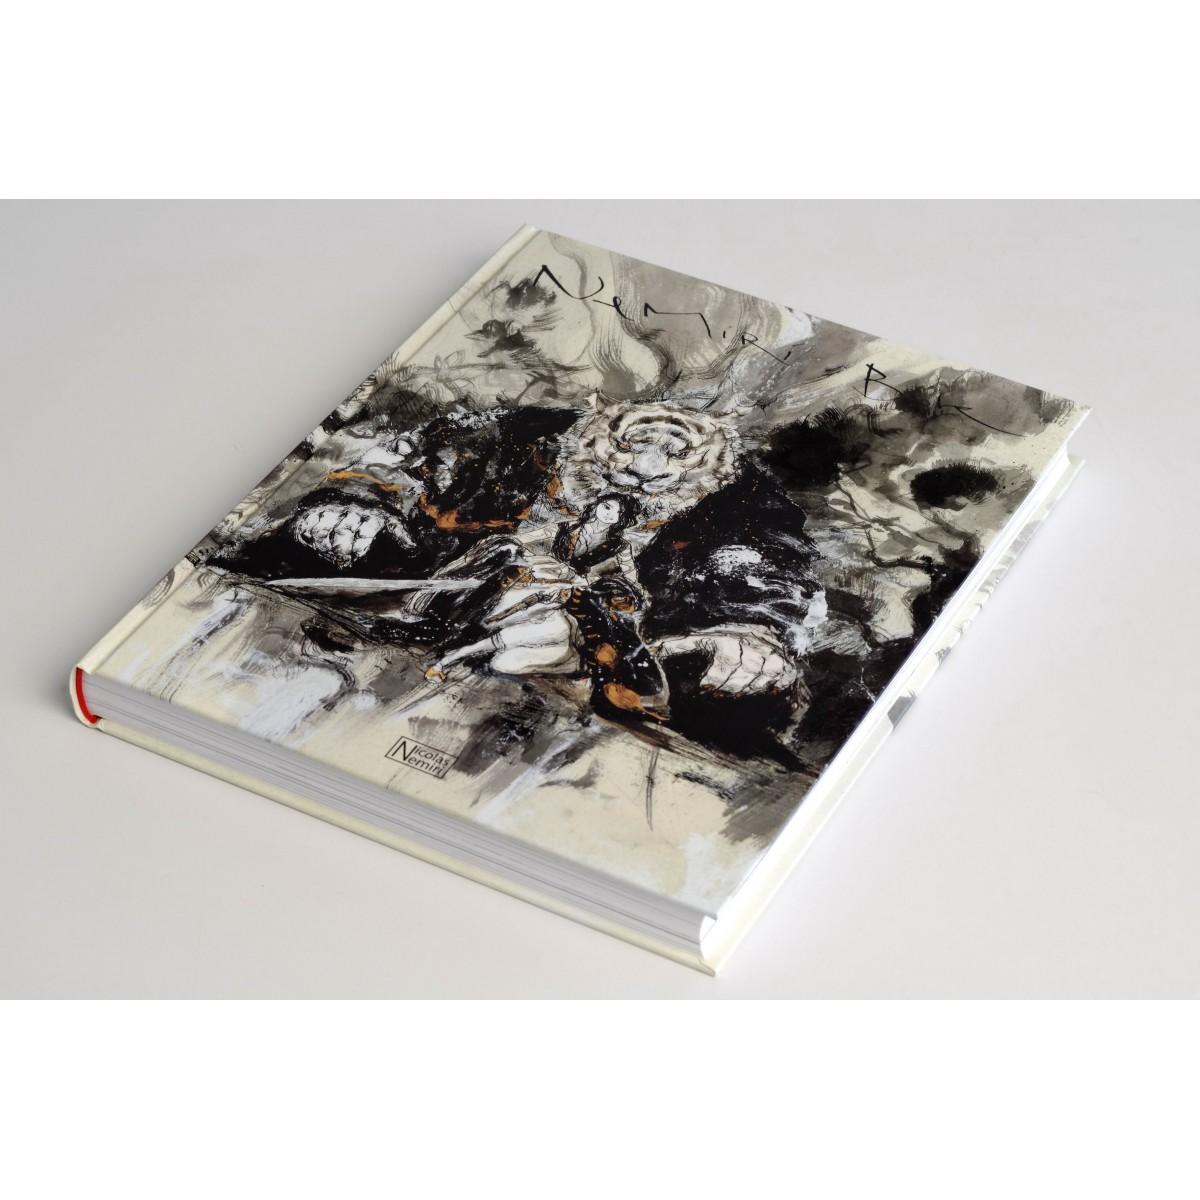 Nemiri Book - Nicolas Nemiri